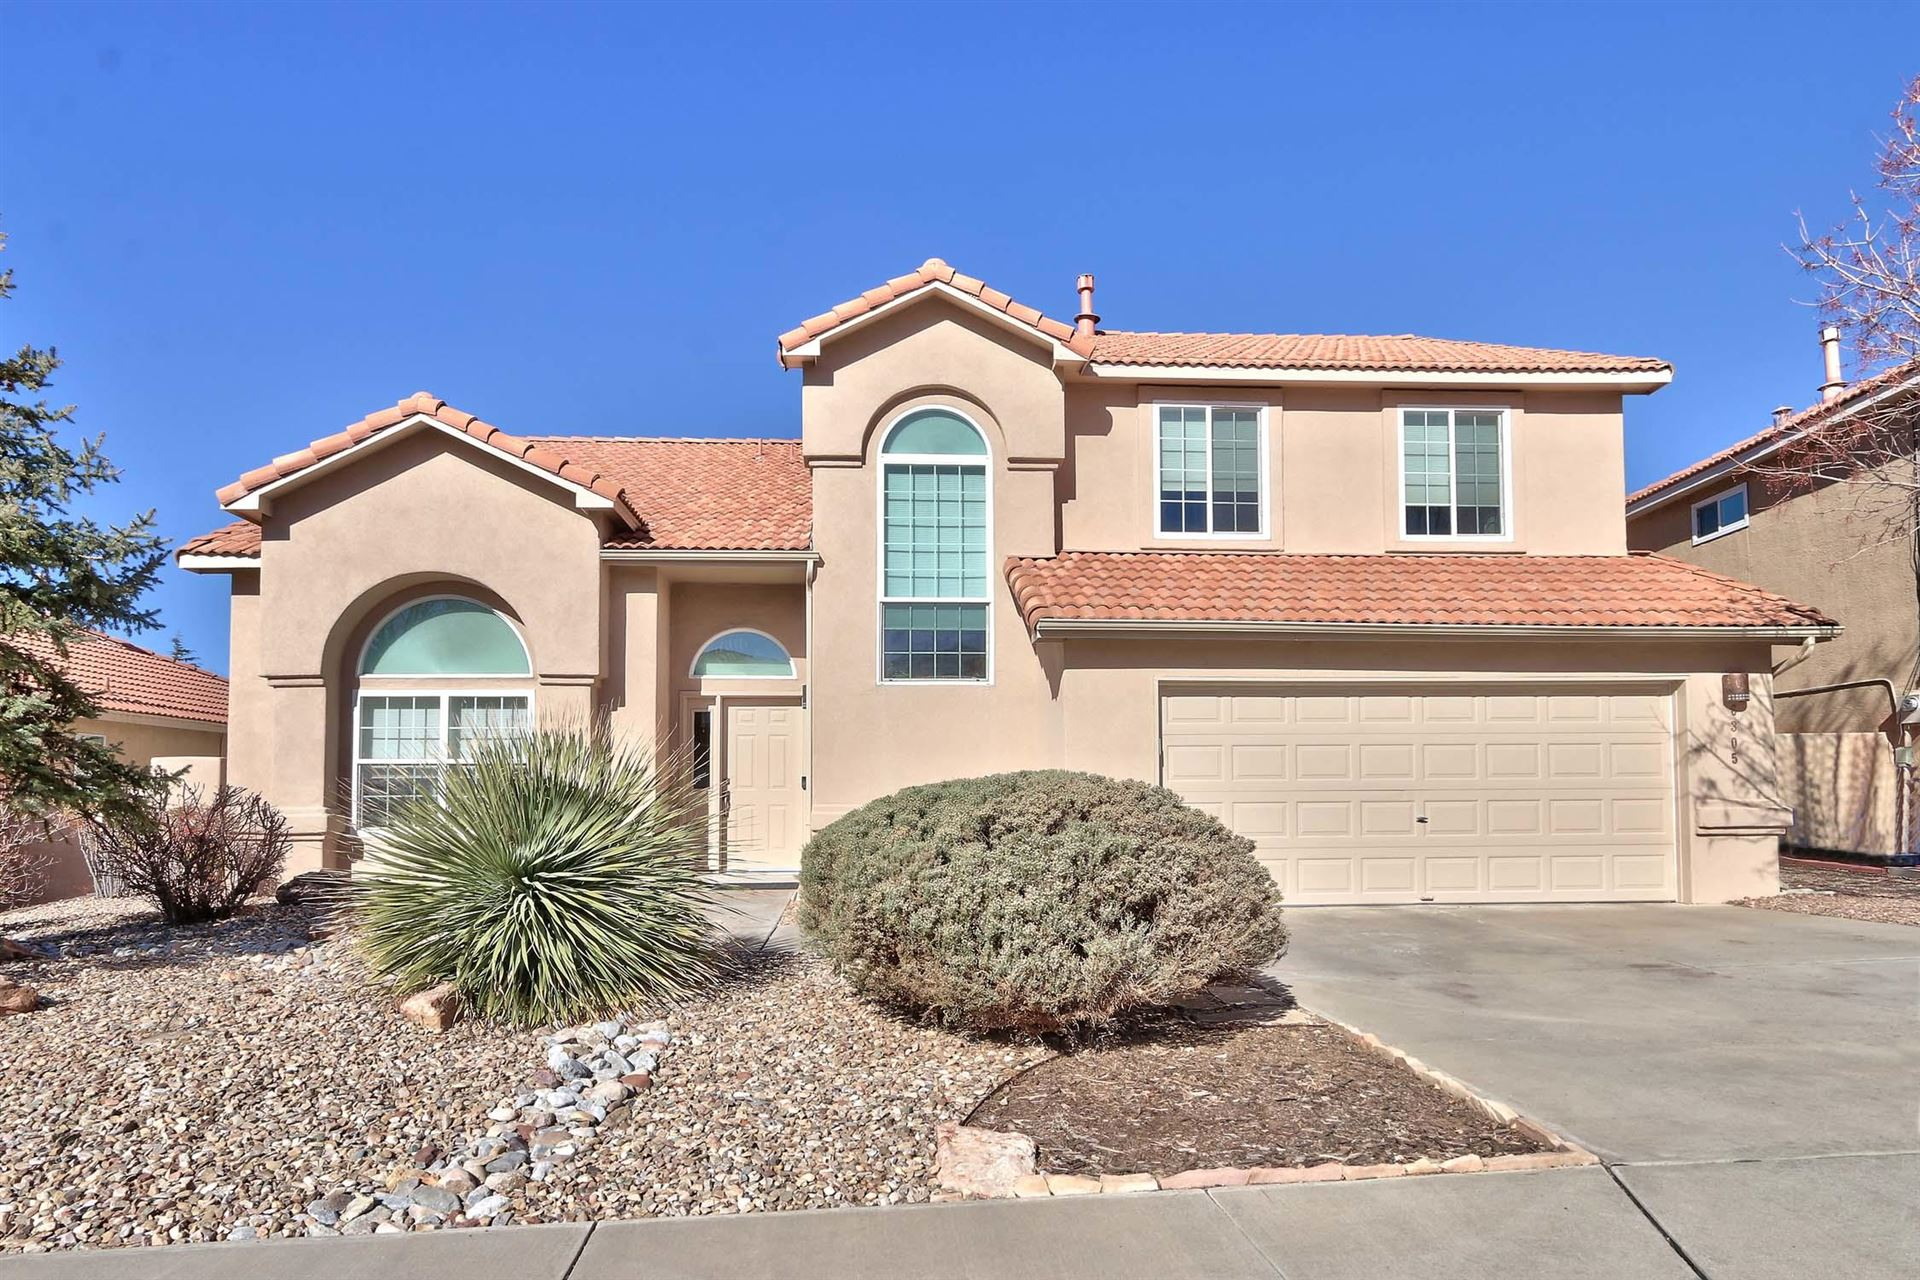 6305 ELK HORN Drive NE, Albuquerque, NM 87111 - MLS#: 986730